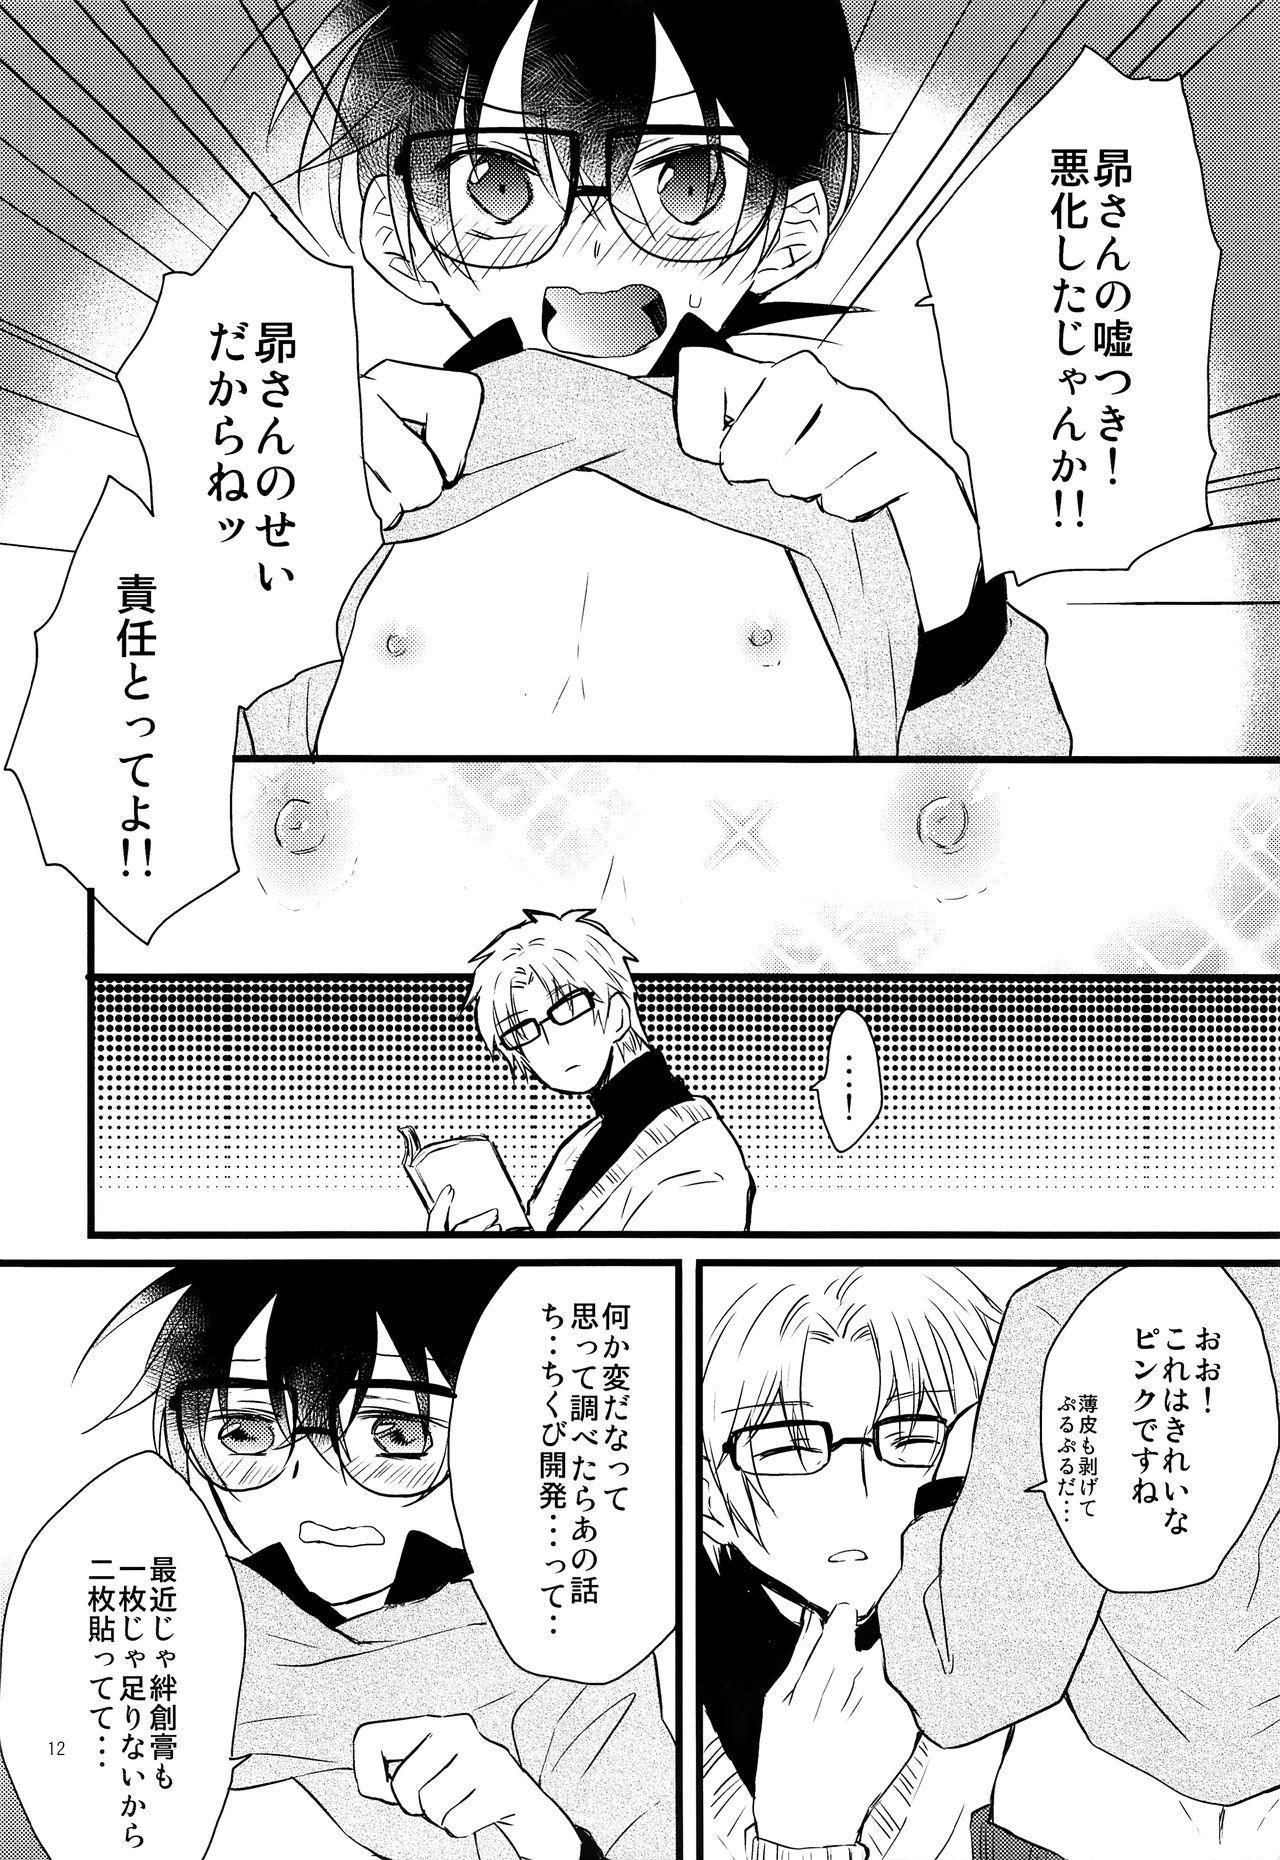 Conan-kun ga Chikubi Kaihatsu Sarechau Hon 10